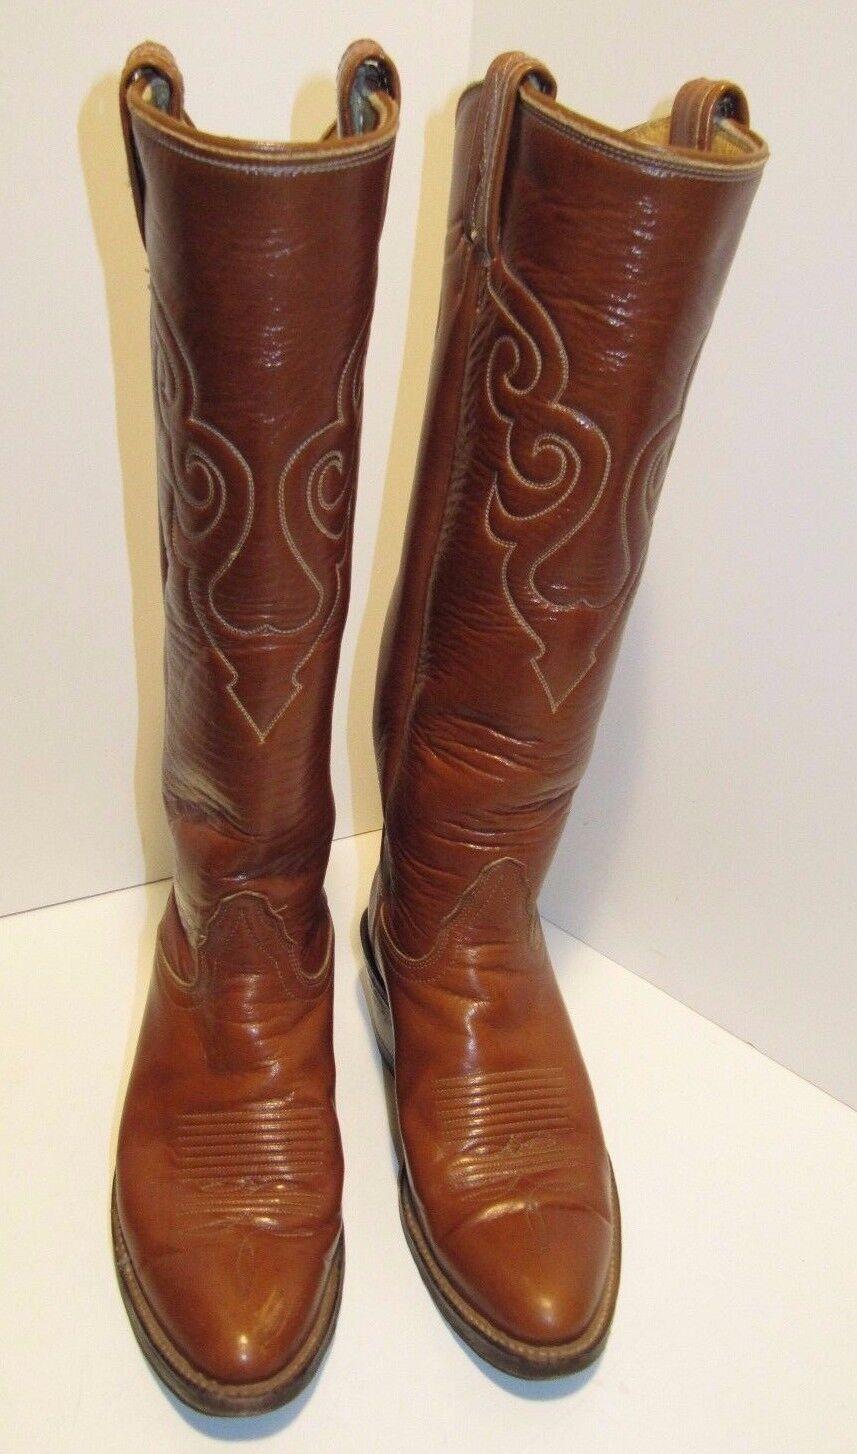 Tony Lama Braun Leder Knee High Western Cowboy Stiefel Größe 4.5 B Style 8316 USA